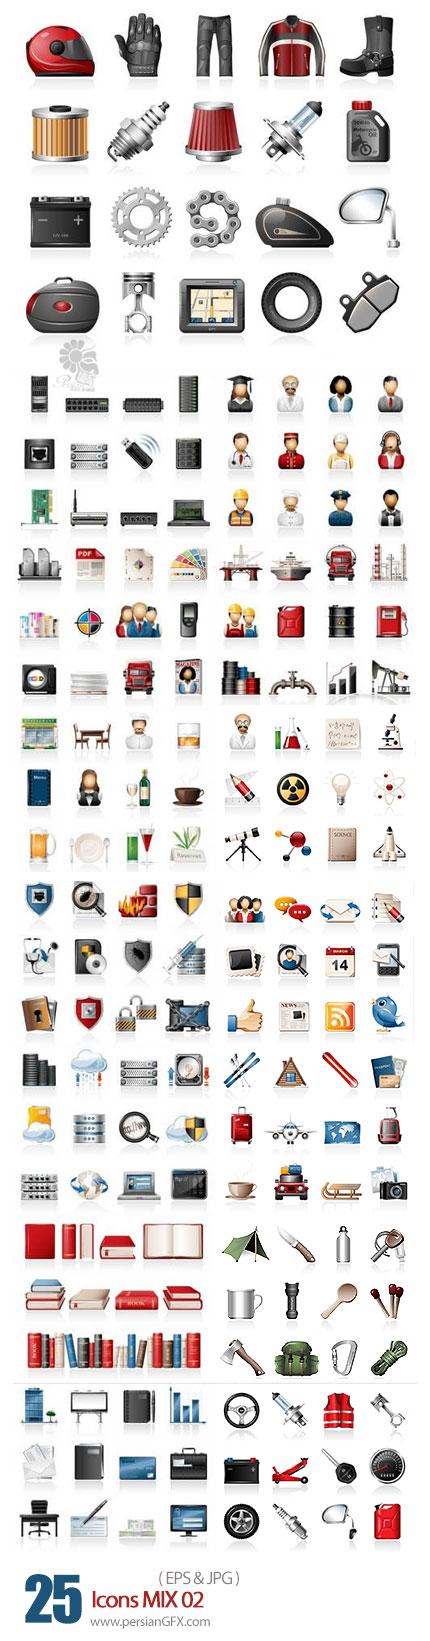 دانلود مجموعه تصاویر وکتور آیکون های متنوع - Icons MIX 02